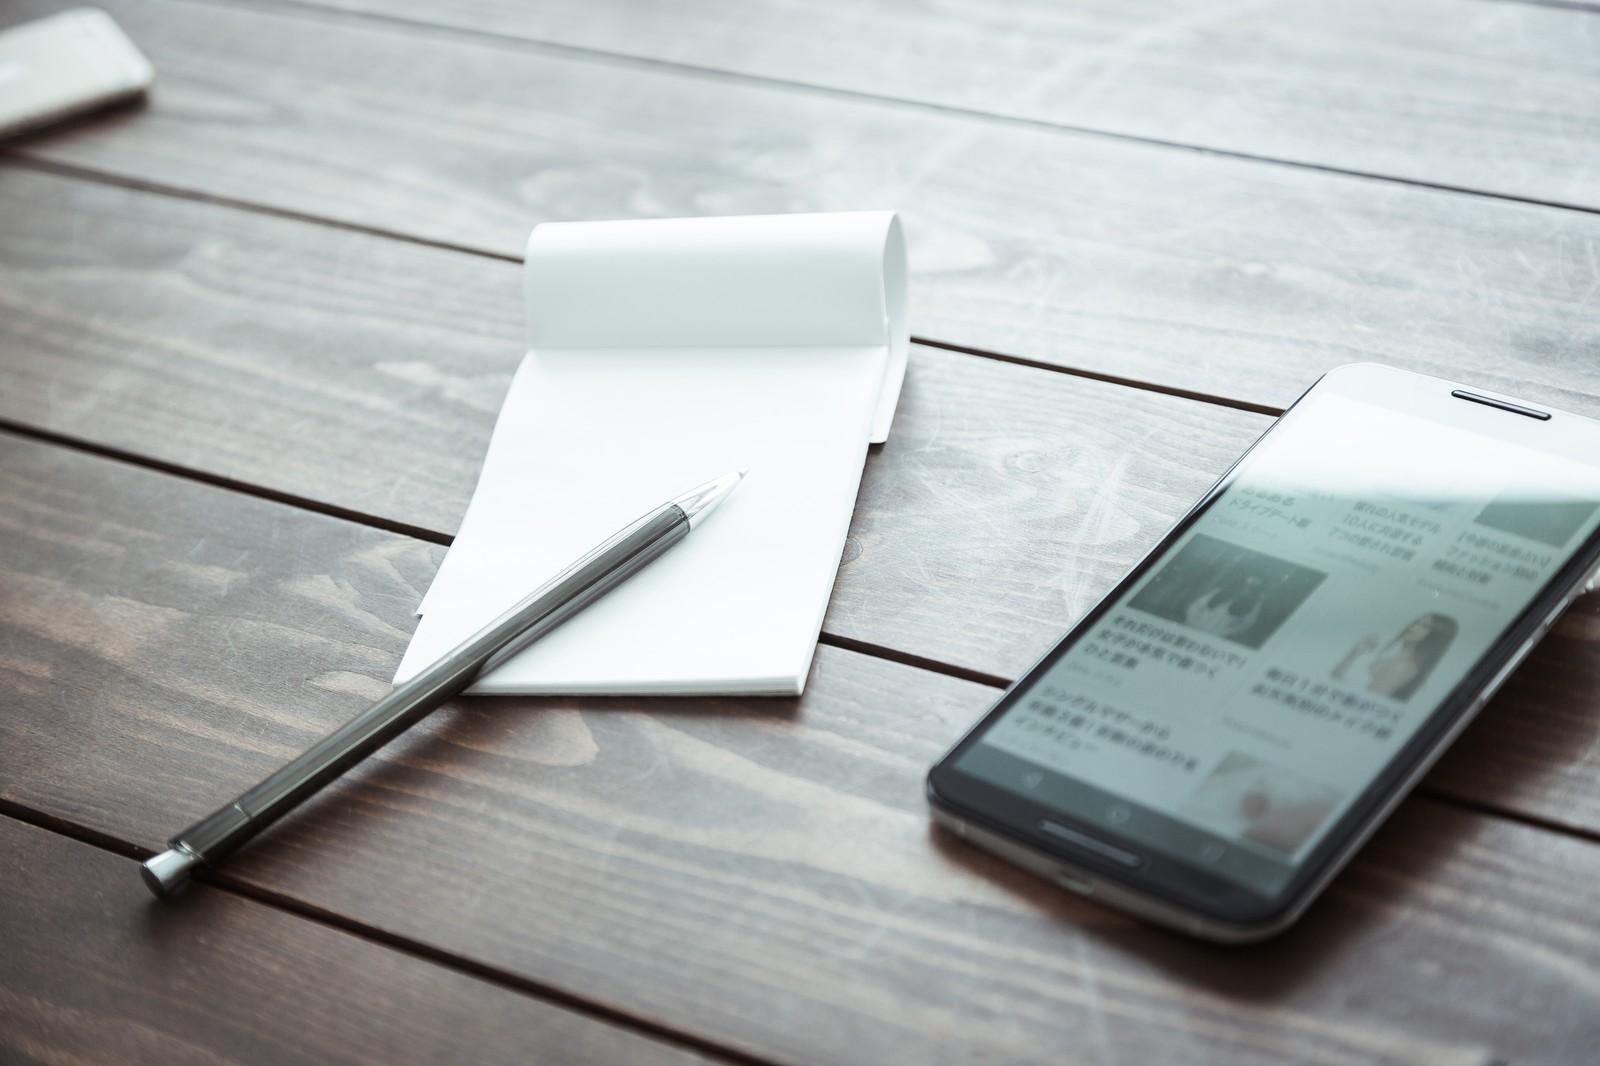 アナログのメモ帳とデジタルのスマフォで全てを記録する準備が整っている状態